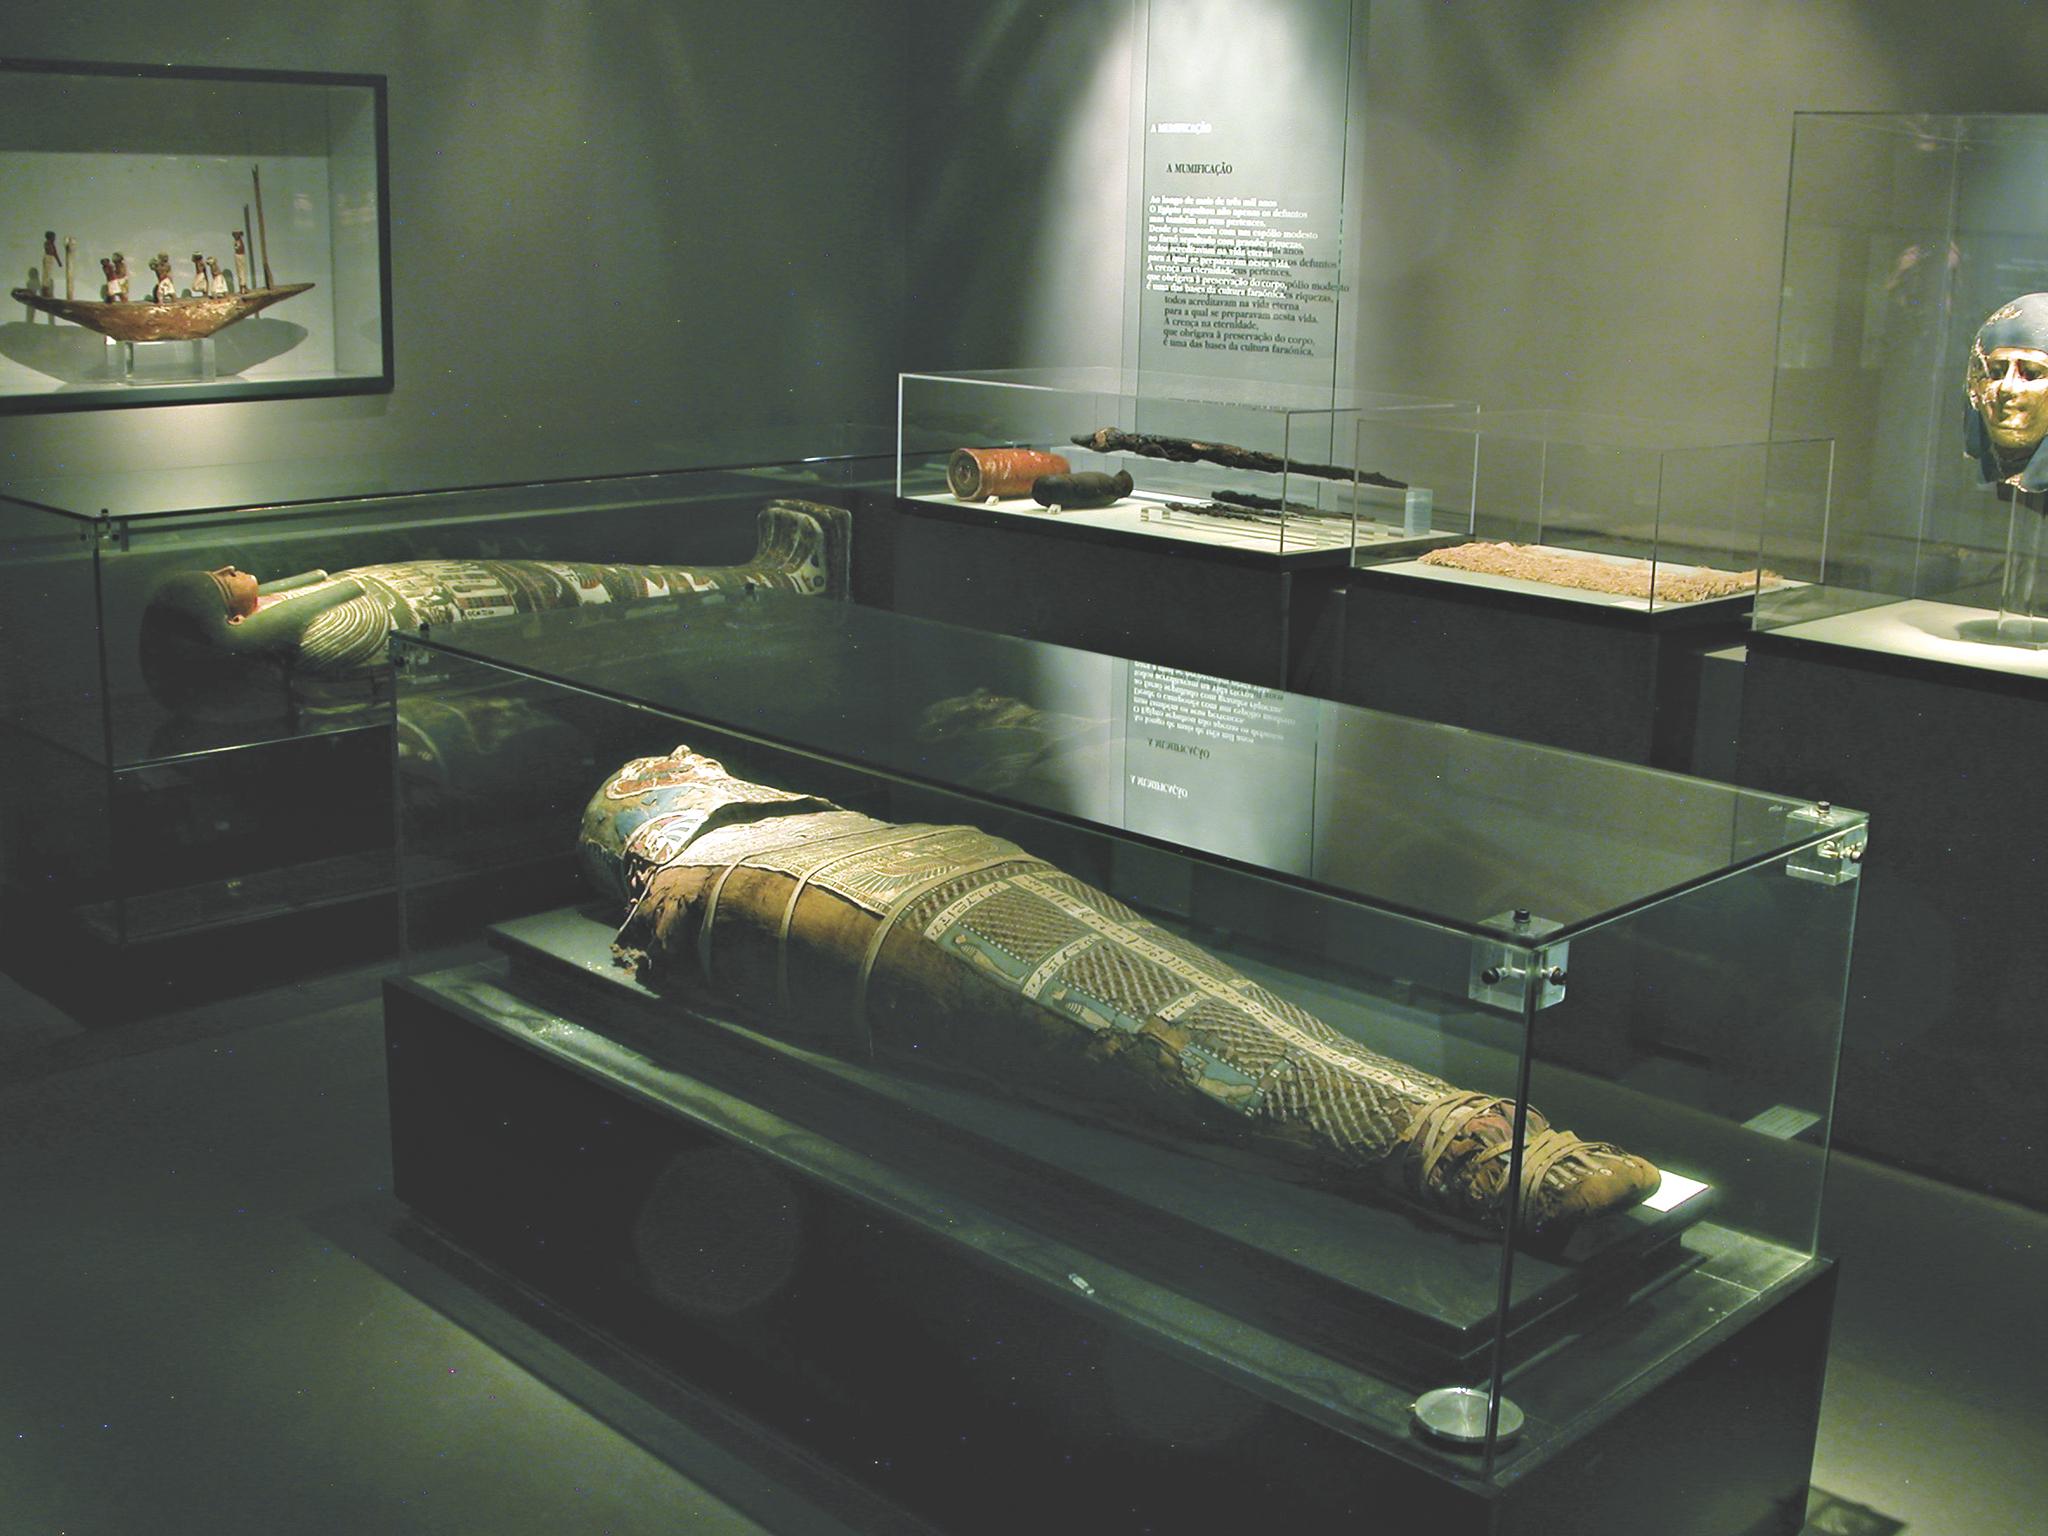 antiguidades egipcías do museu de arqueologia